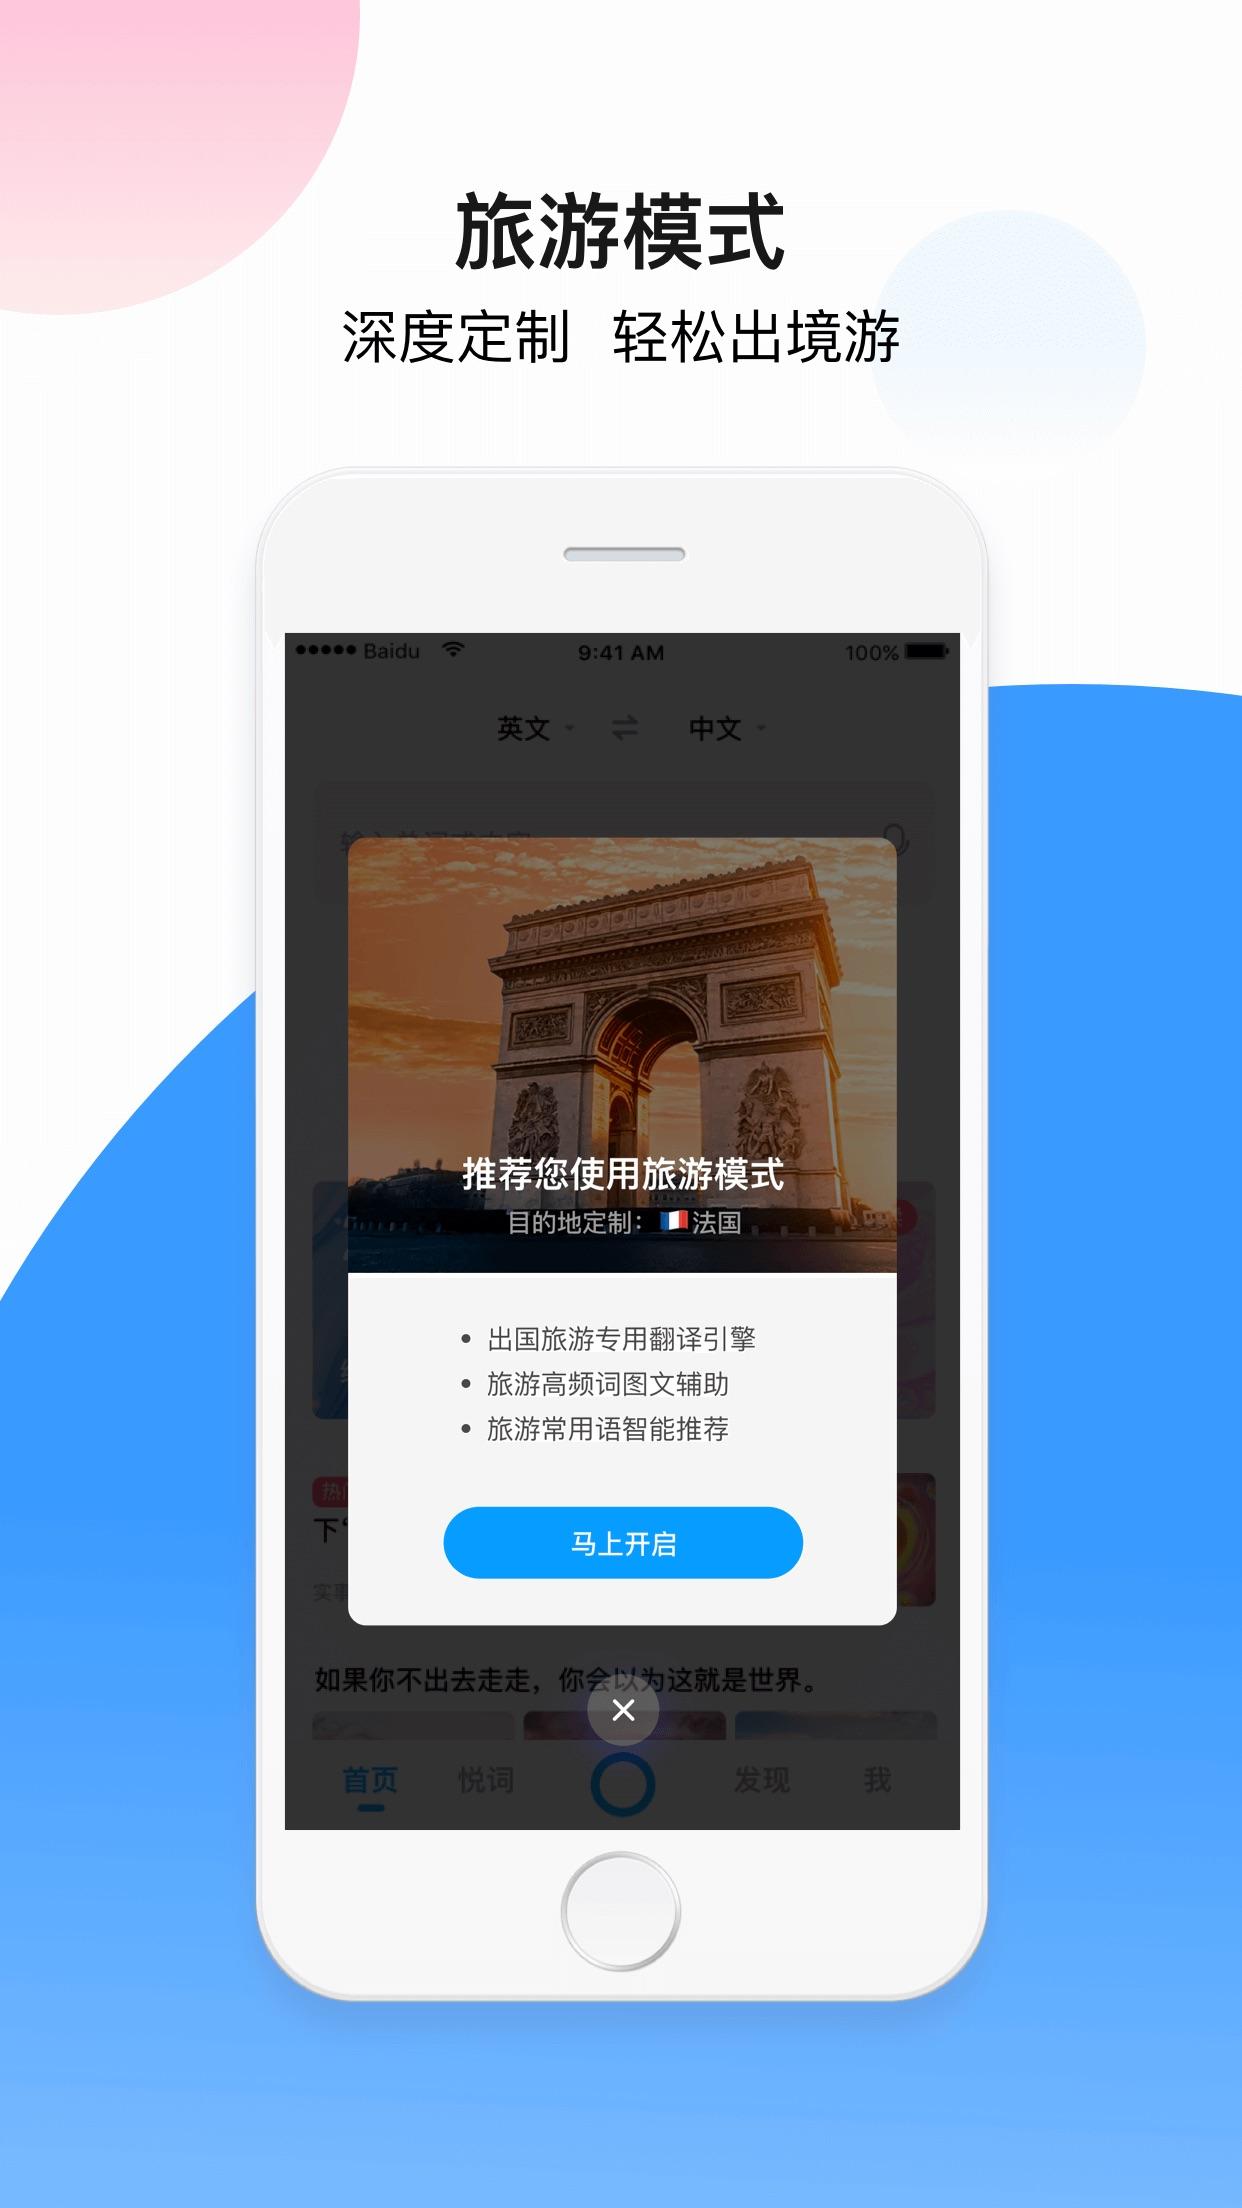 百度翻译-英语学习必备 Screenshot